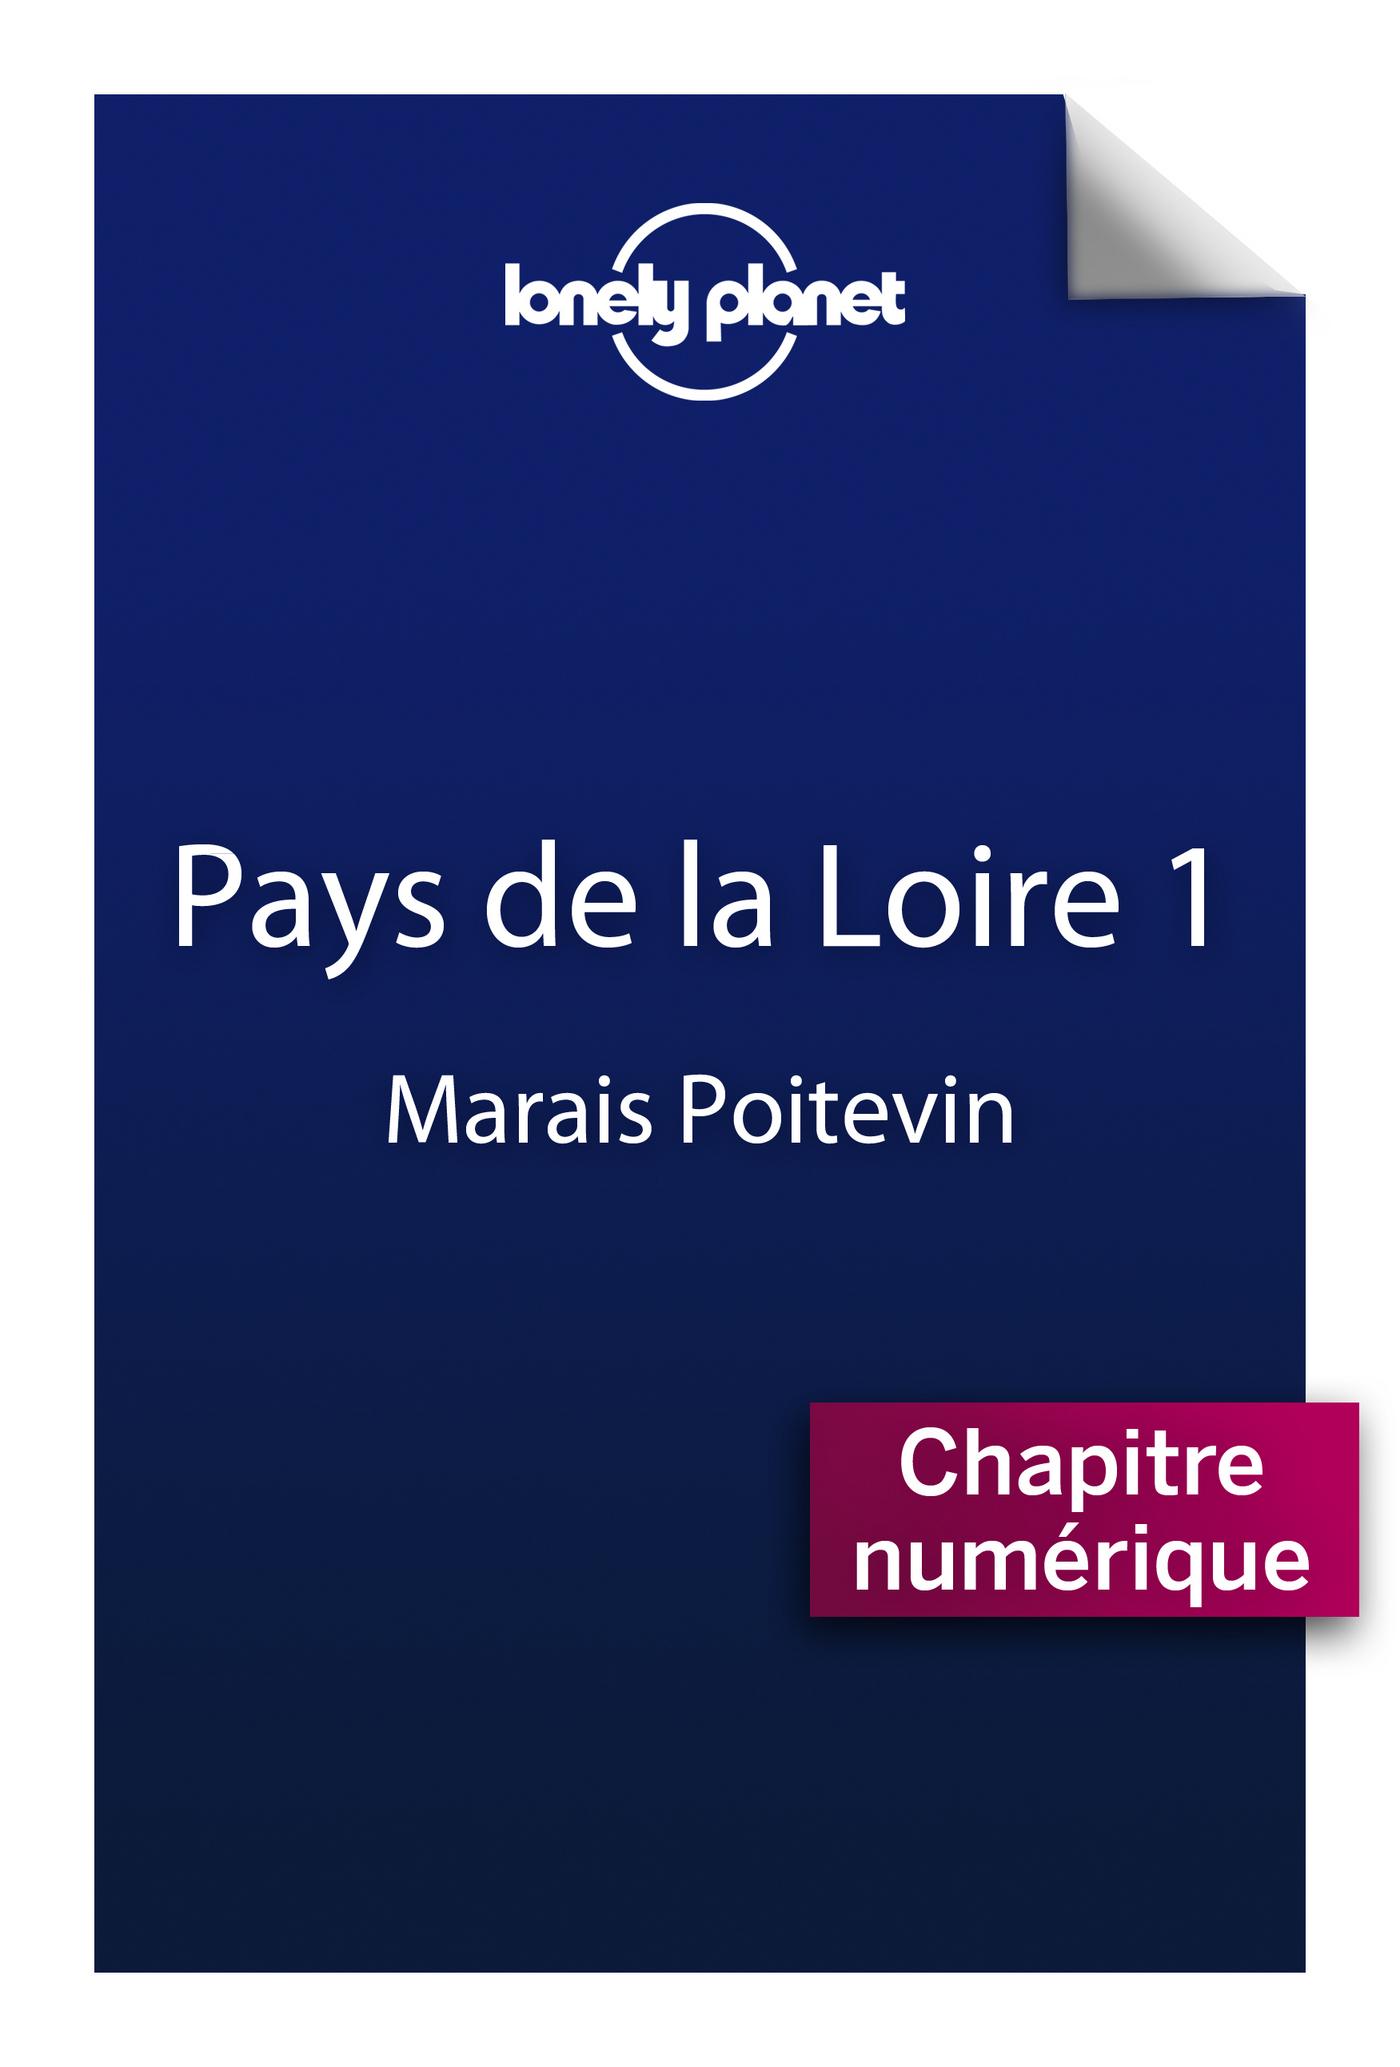 Pays de la Loire 1 - Marais Poitevin (ebook)